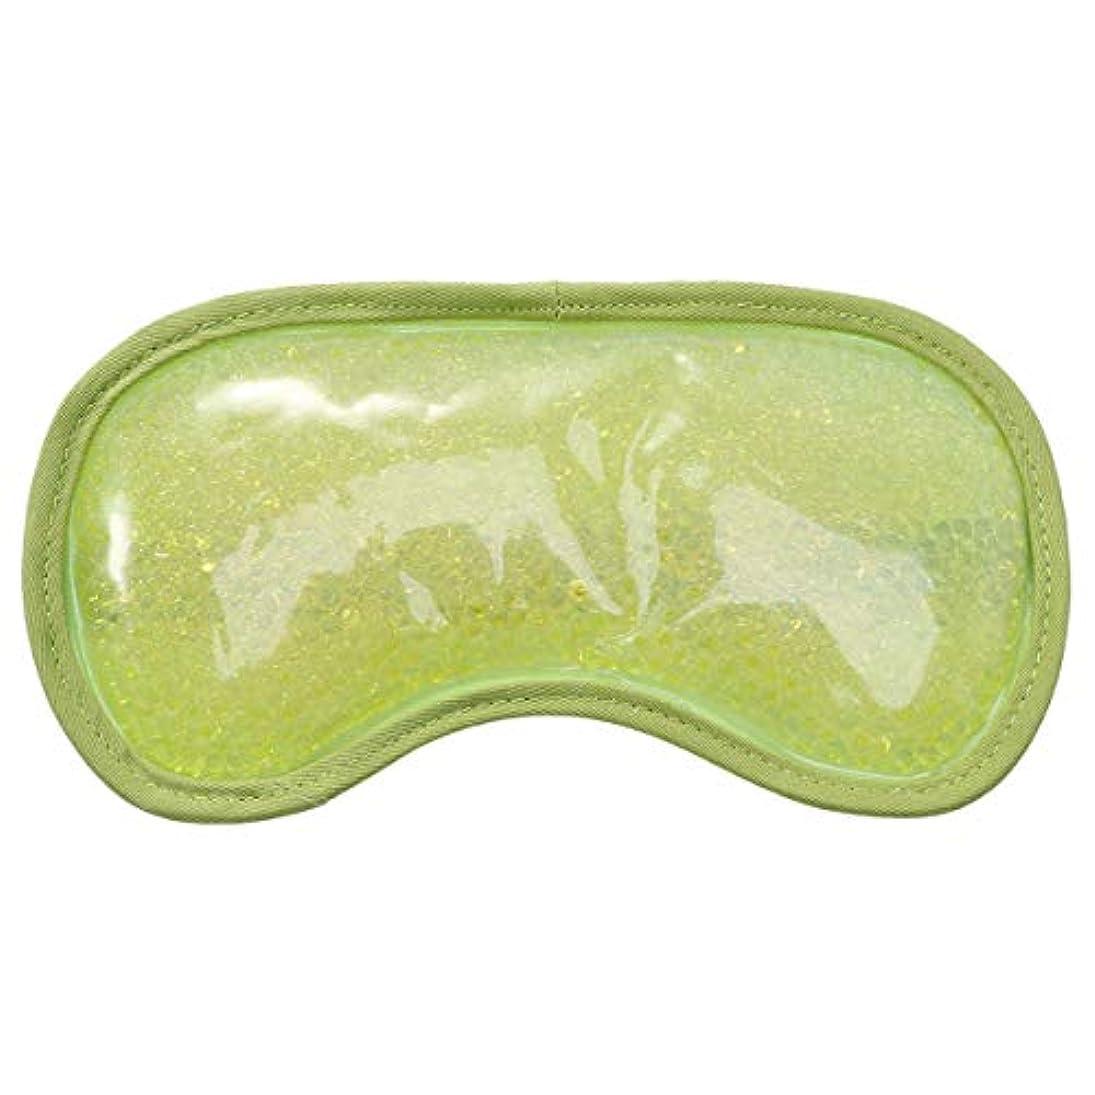 ガラガラグッゲンハイム美術館差別するSUPVOX アイマスク ゲル アイスパッド アイアイスパック 温熱 ホット 冷却 パック 再使用可能 目の疲れ軽減 安眠 血行促進(緑)